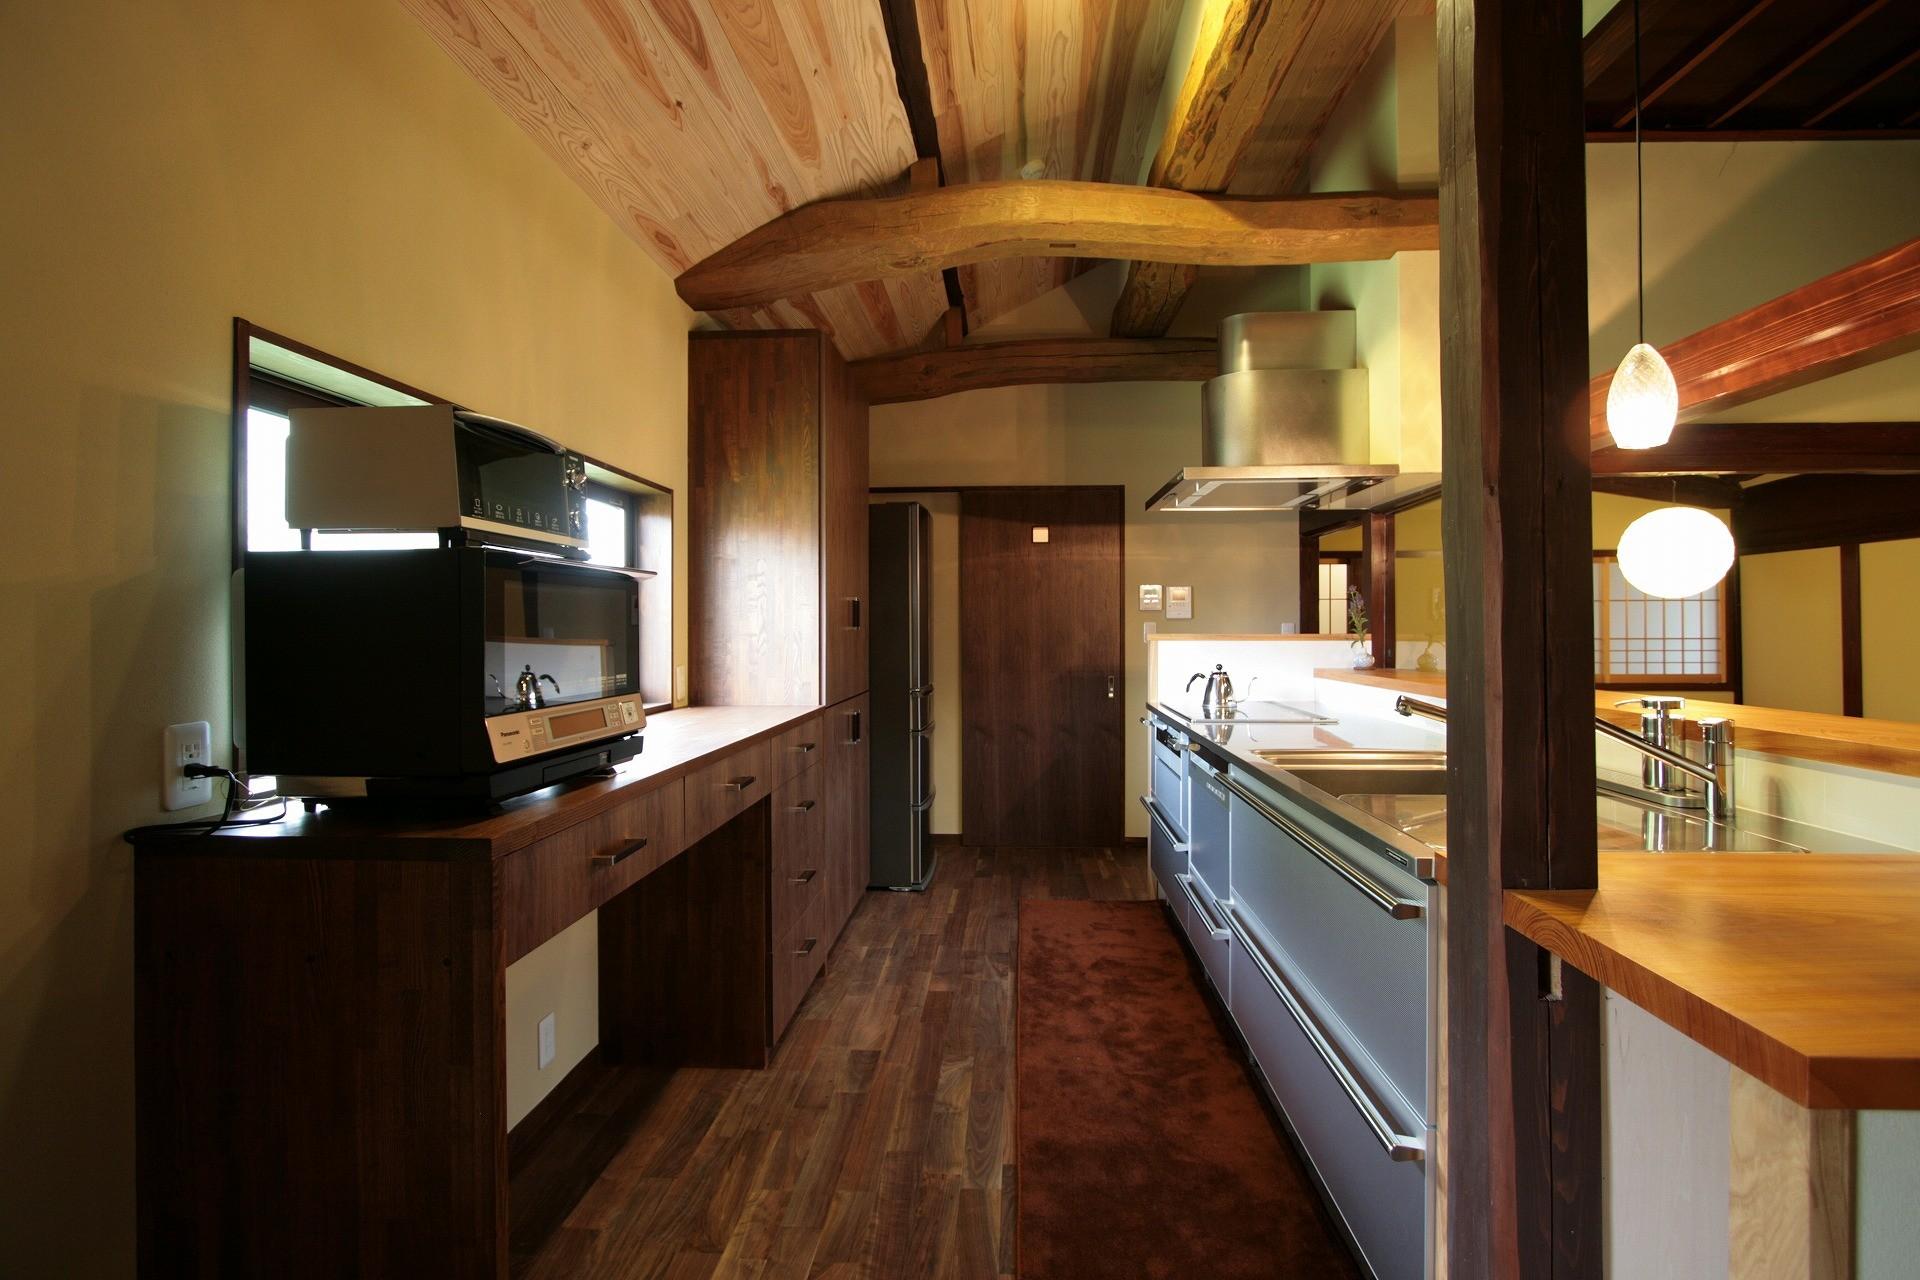 キッチン事例:キッチン(新旧が息吹を与え合う家)